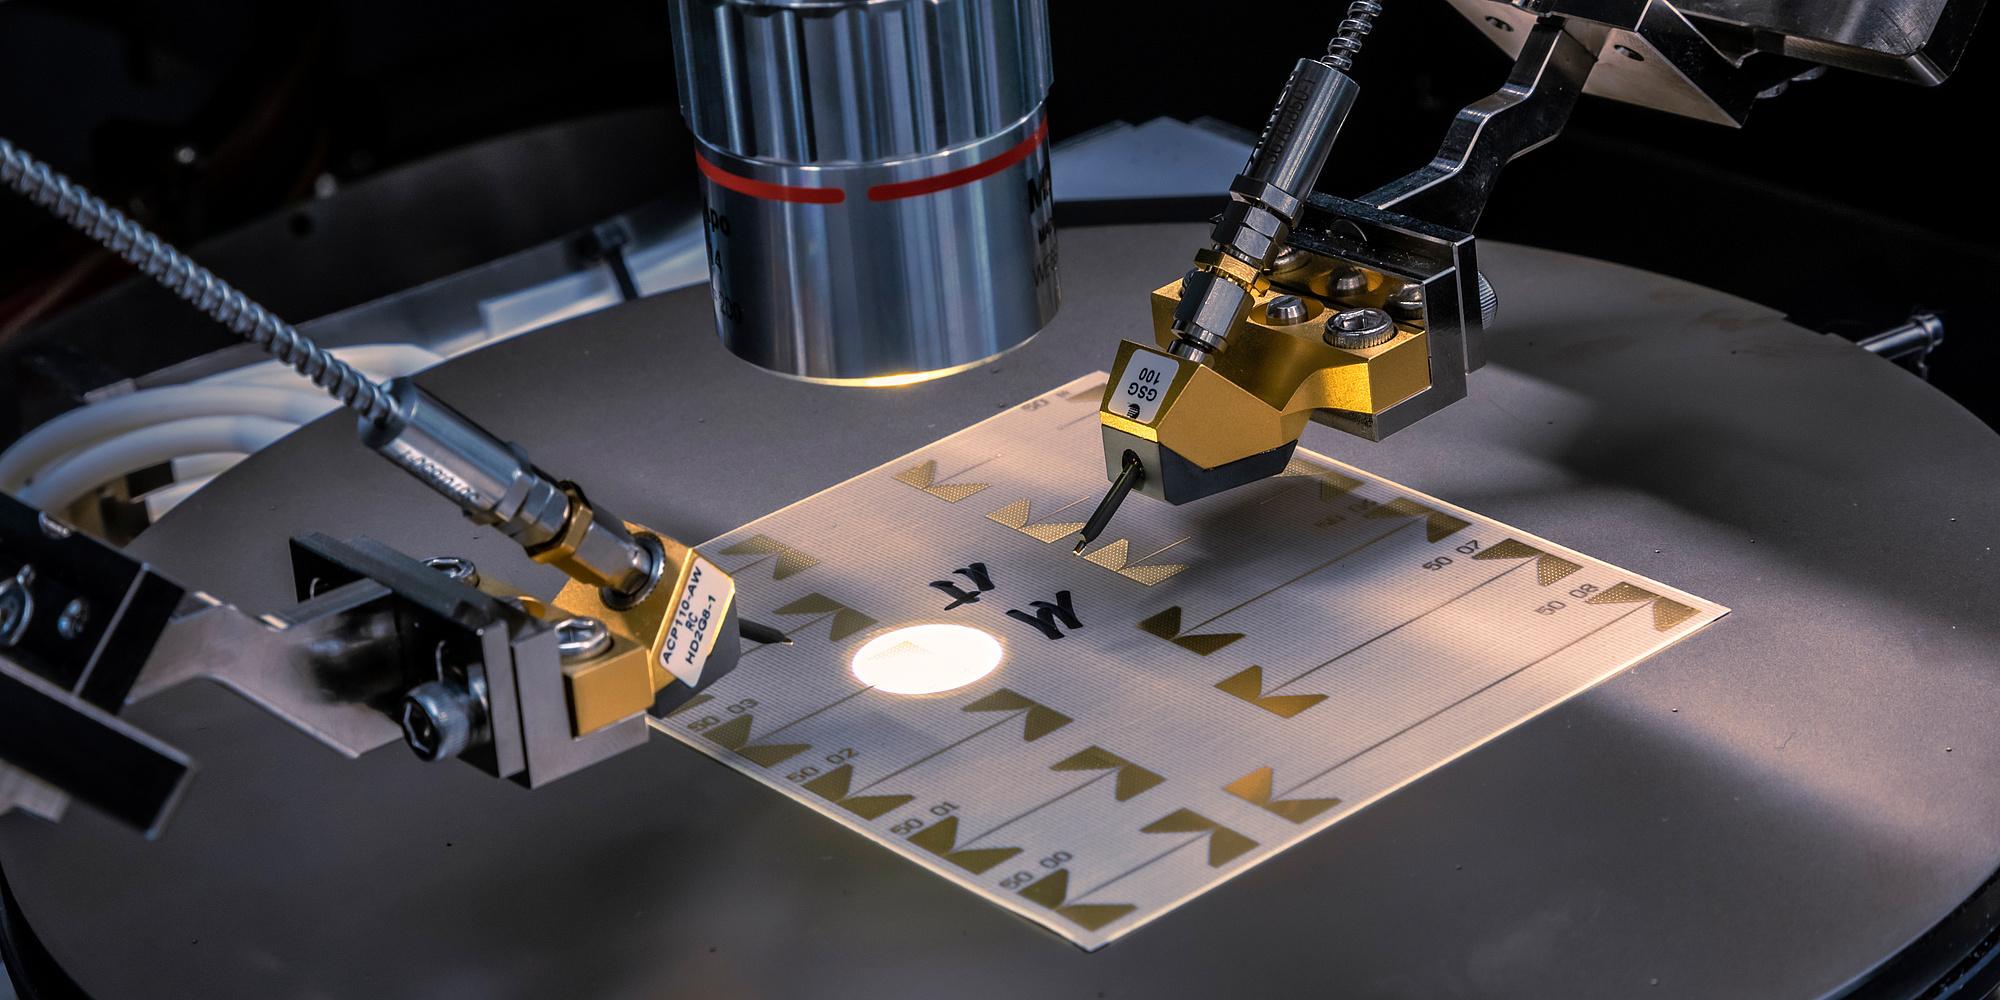 Dünne Folie unter einem Mikroskop wird von zwei feinen Nadeln kontaktiert.